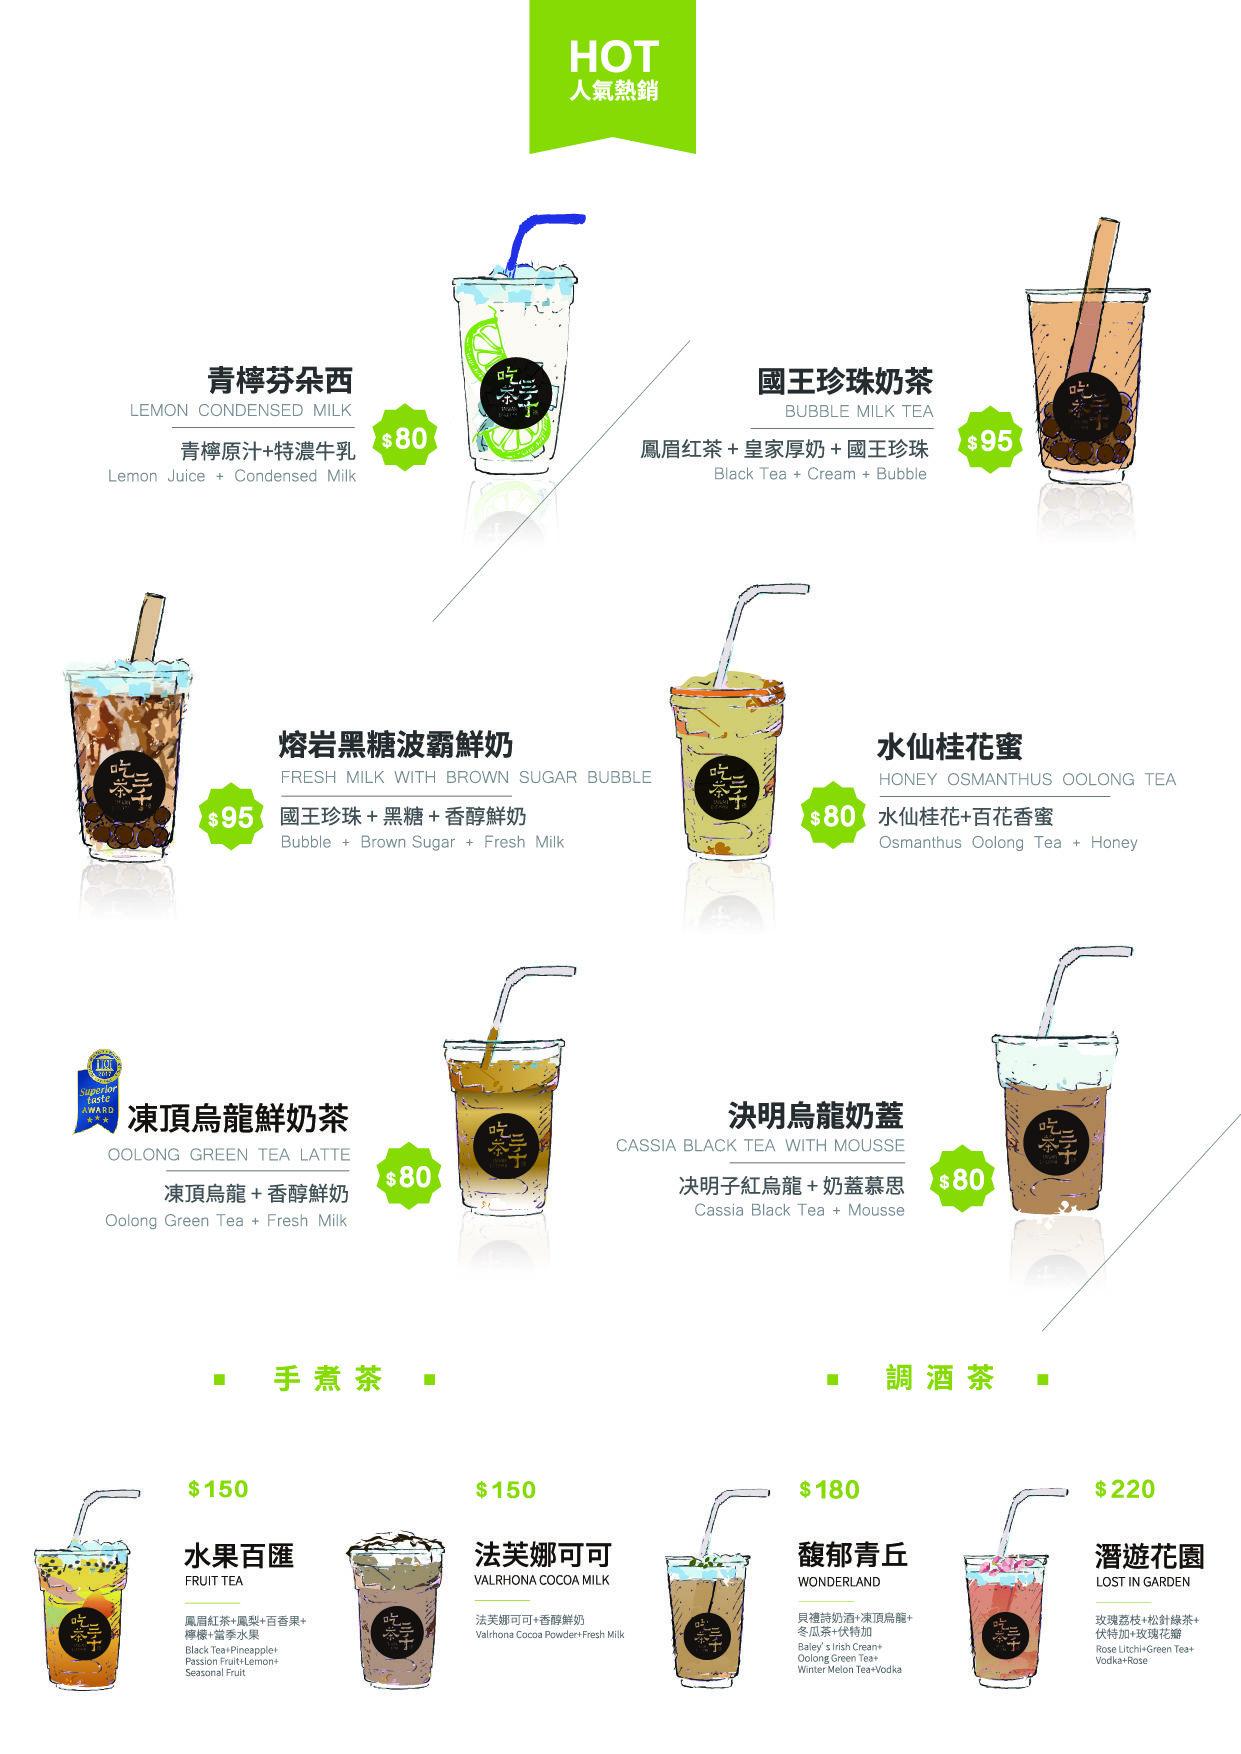 吃茶三千 台中 大英概念店 菜單